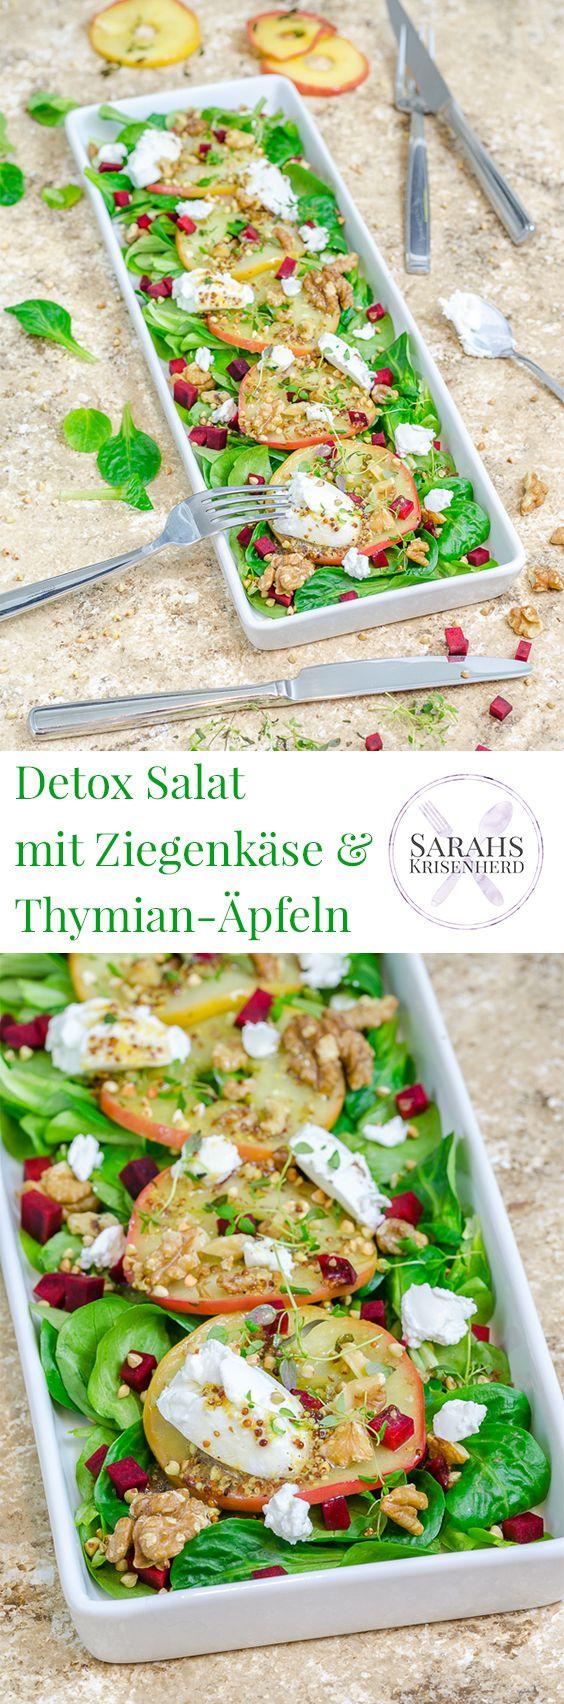 Detox Salat zum Jahresanfang: Feldsalat mit Thymian-Äpfeln, Ziegenfrischkäse und Walnüssen